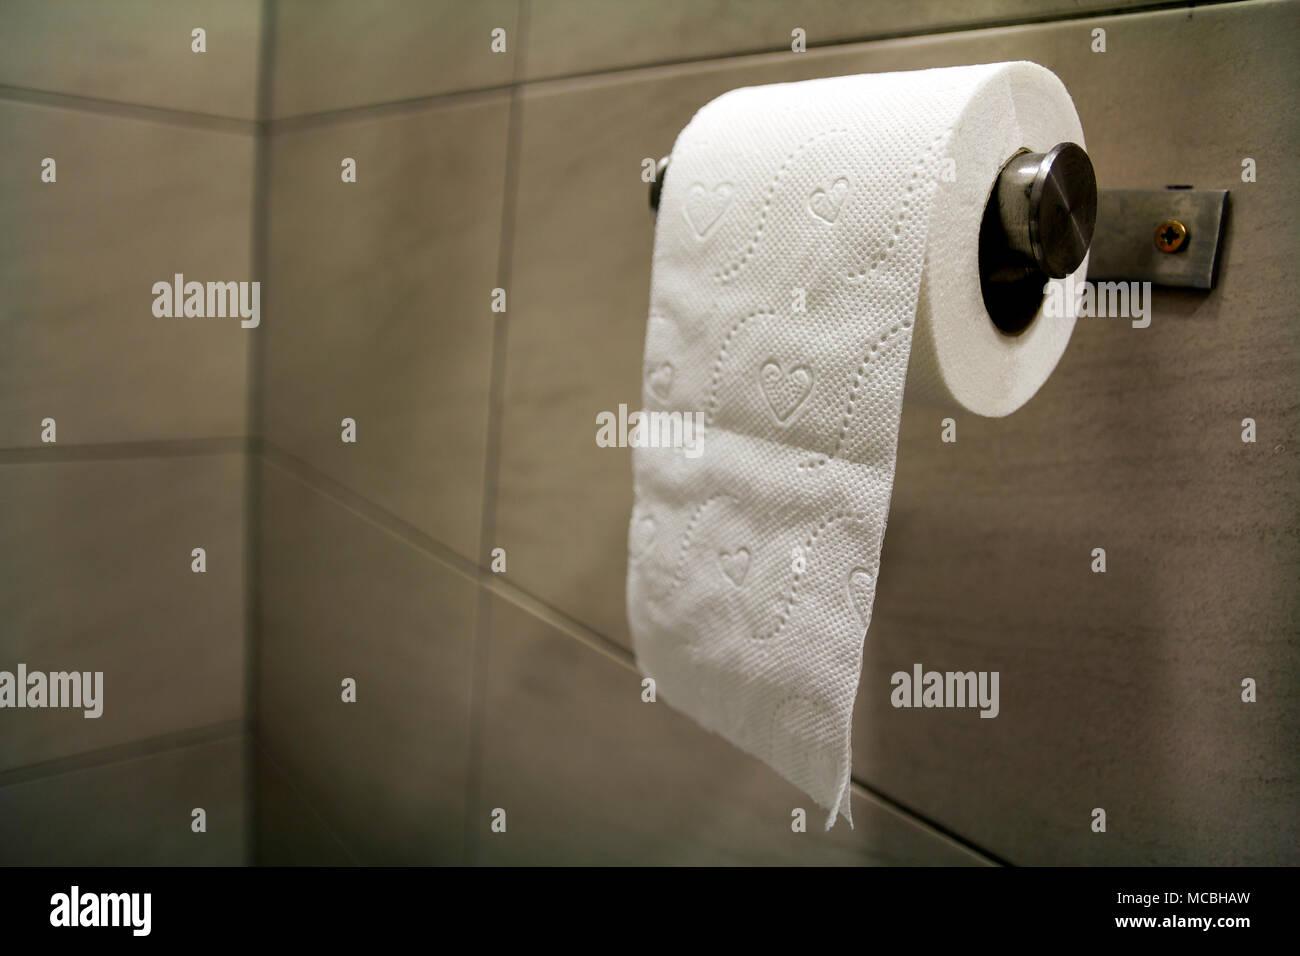 In Der Nahe Von White Soft Tissue Papier Rolle Im Badezimmer